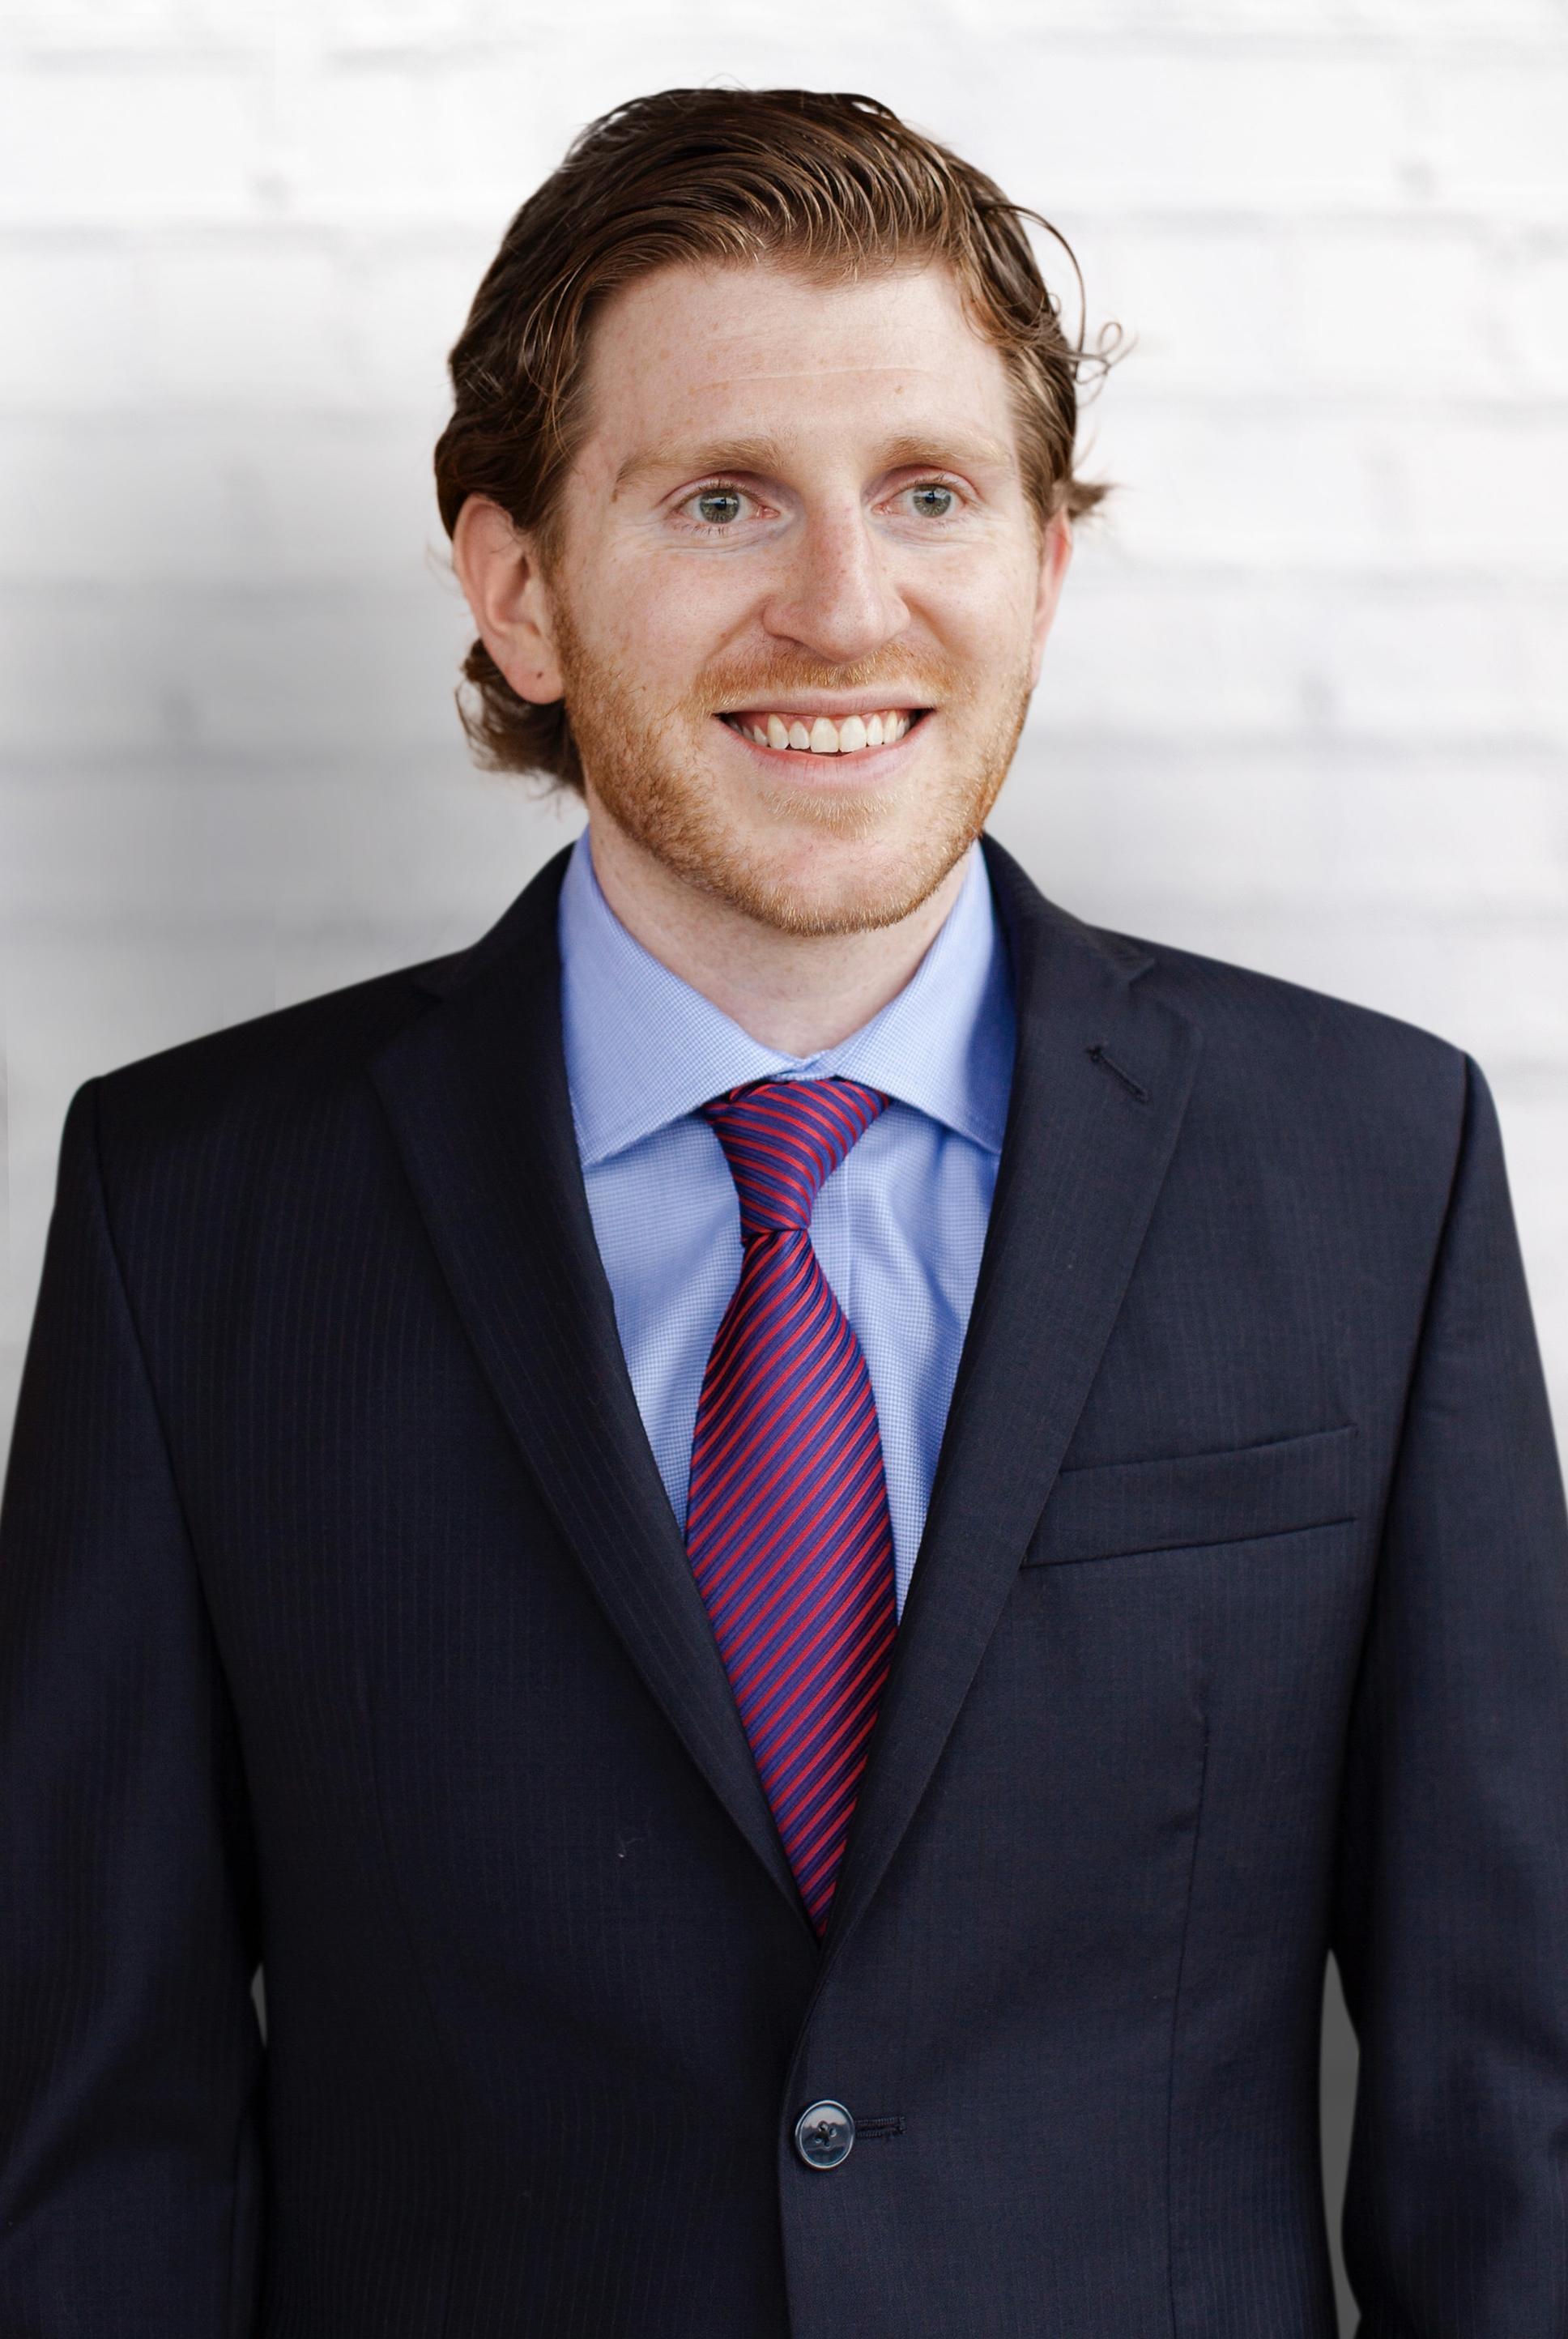 Carolyn Pogue Real Estate Group - Brian Pogue